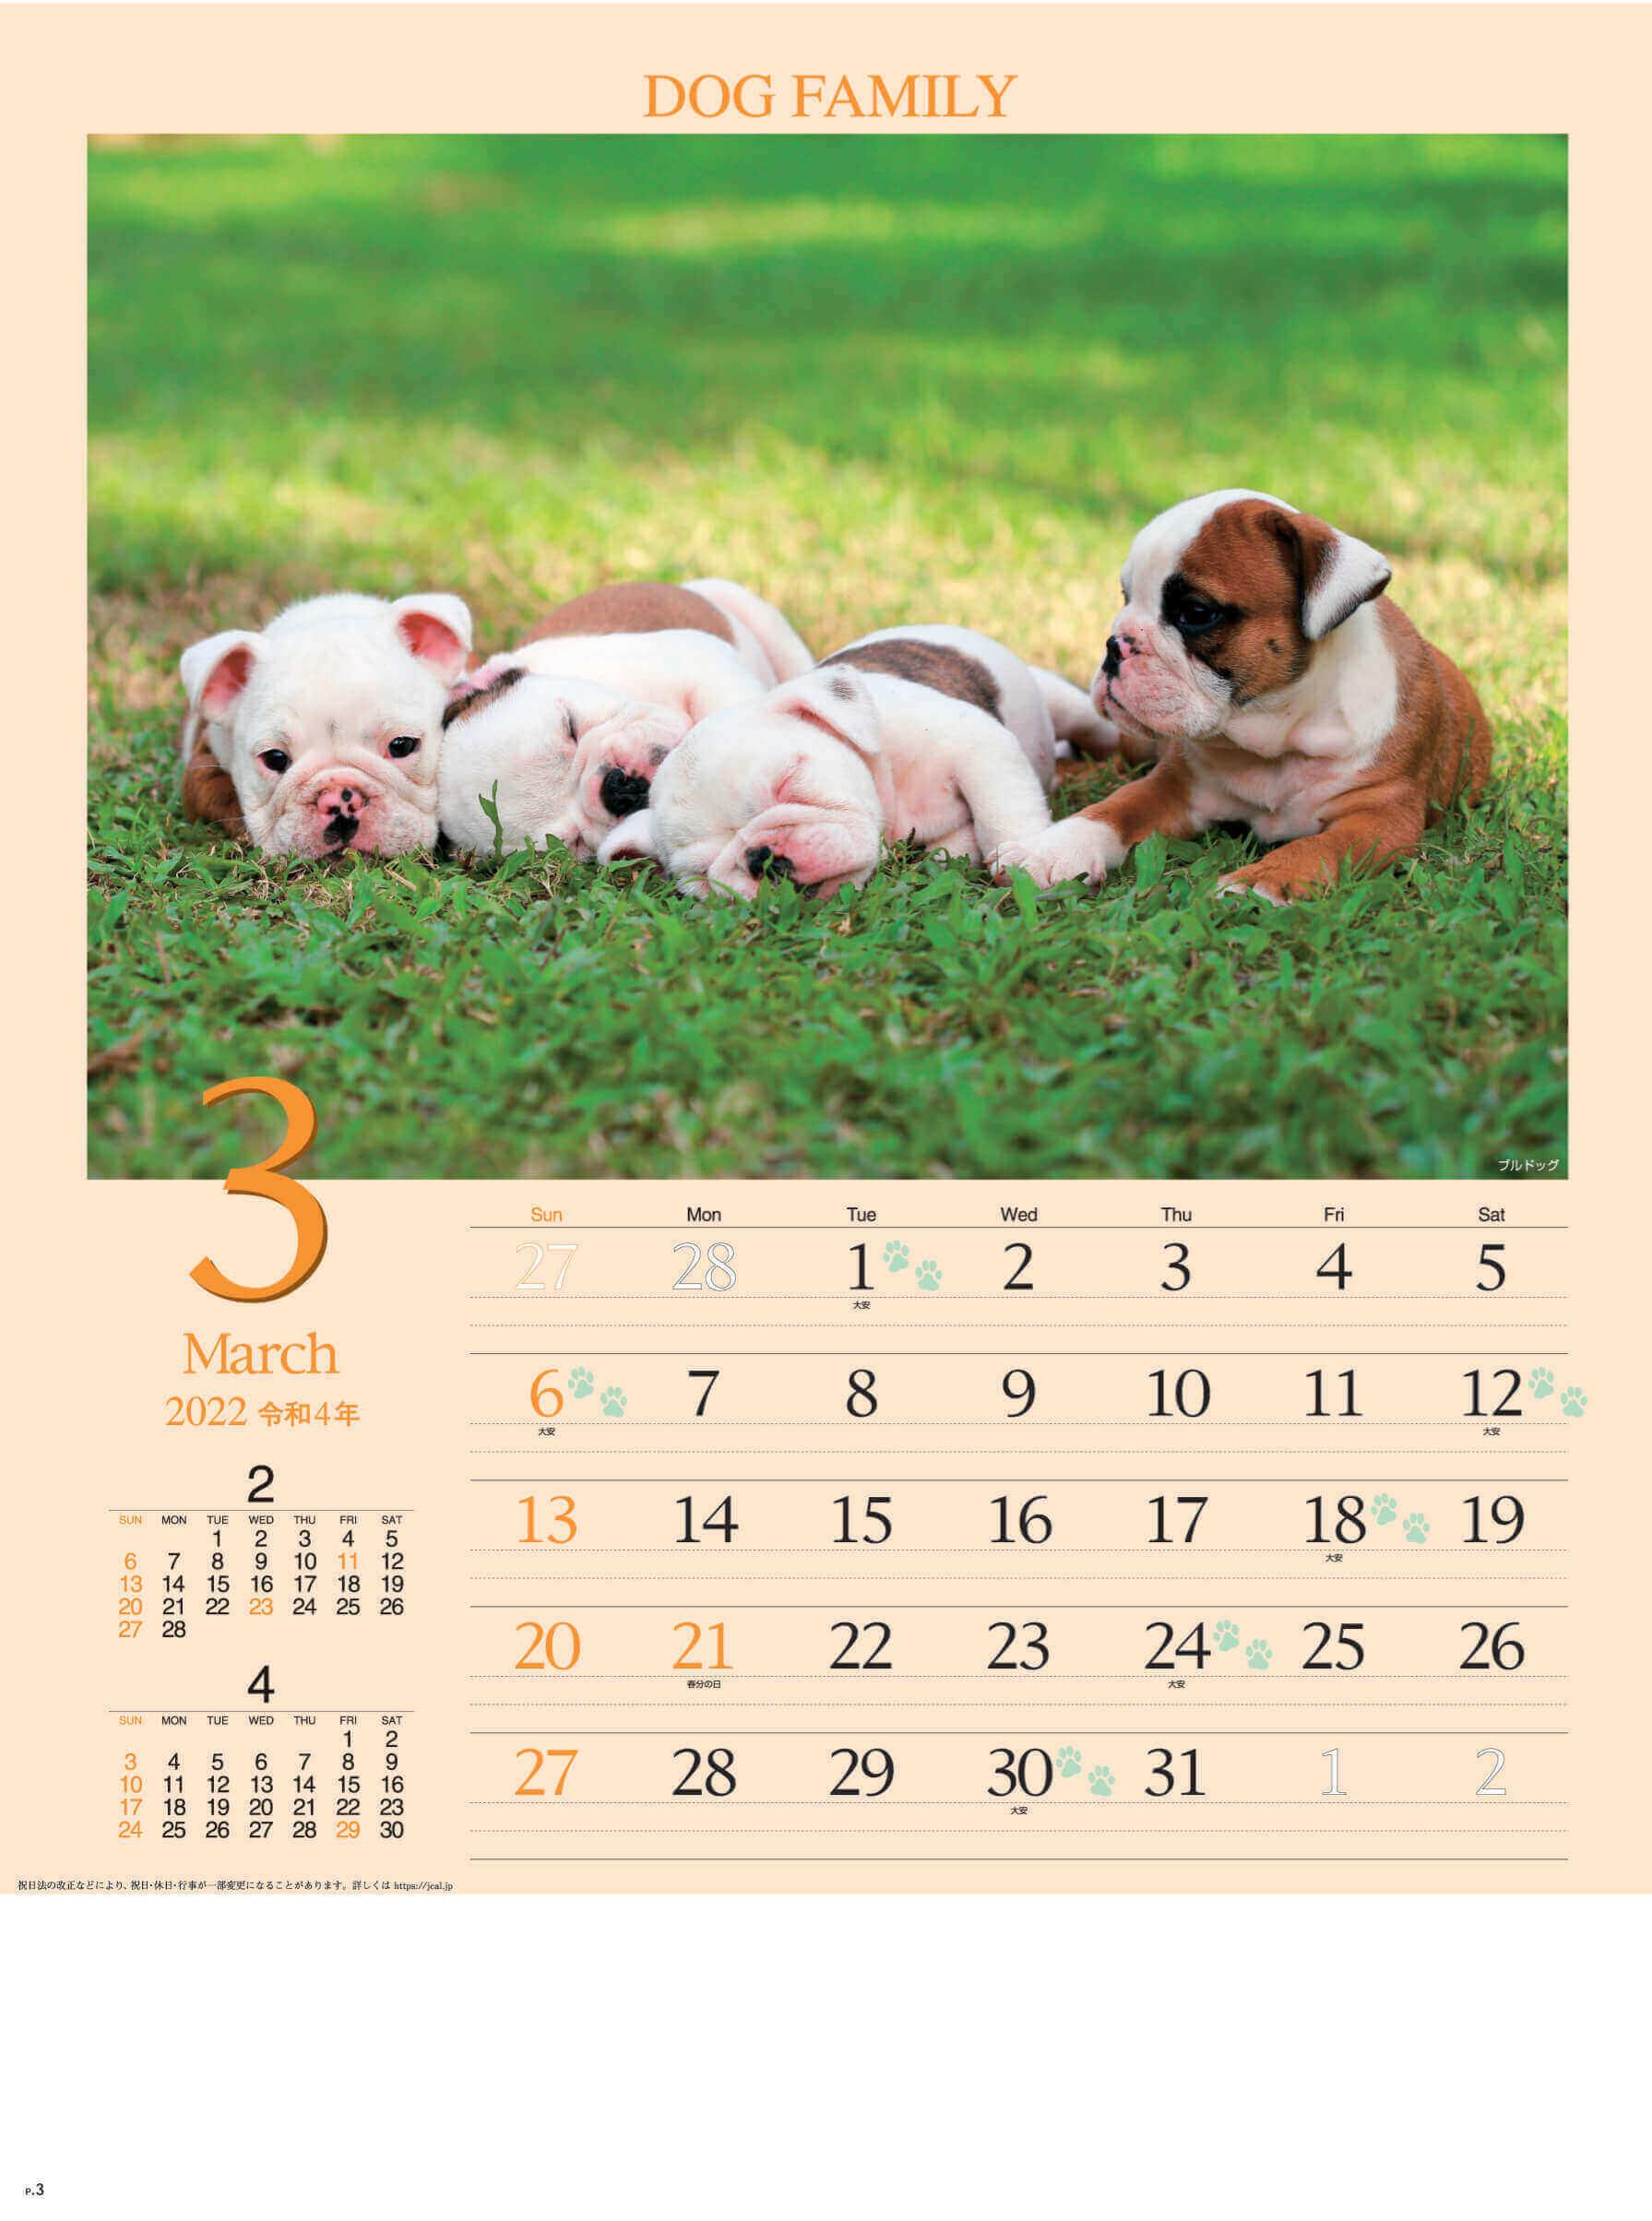 3月 ブルドッグ ドッグファミリー 2022年カレンダーの画像